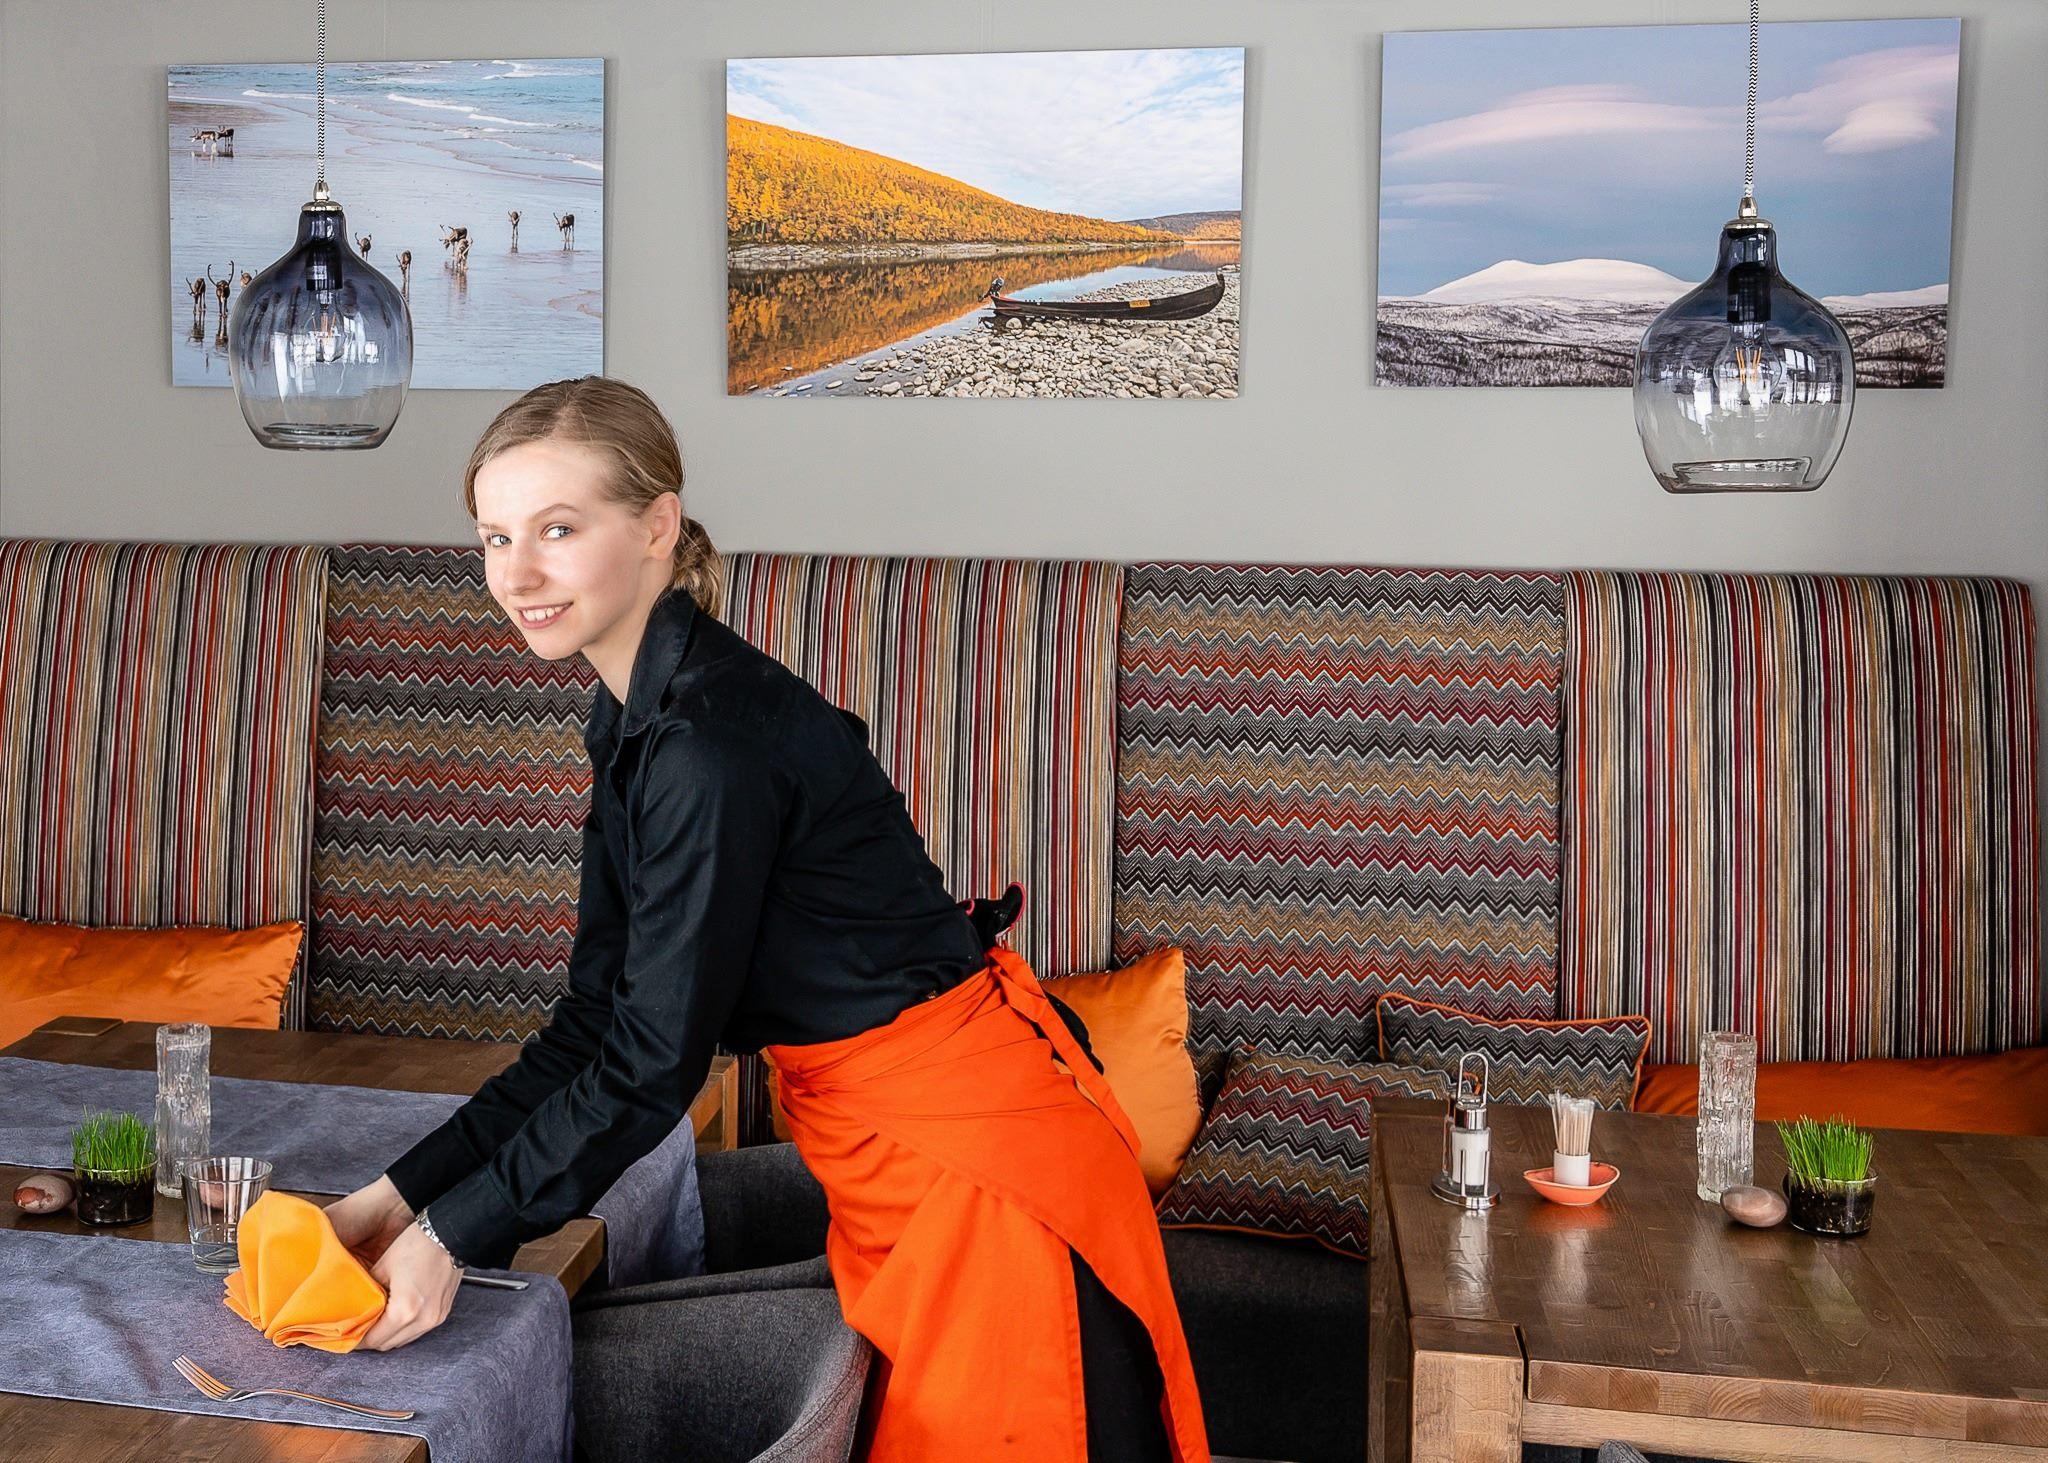 Ravintola Deatnu, Holiday Village Valle, Utsjoki. Kuva ja myös seinällä olevat Lappi-aiheiset kuvat Markku Lilja, @mlphotic.